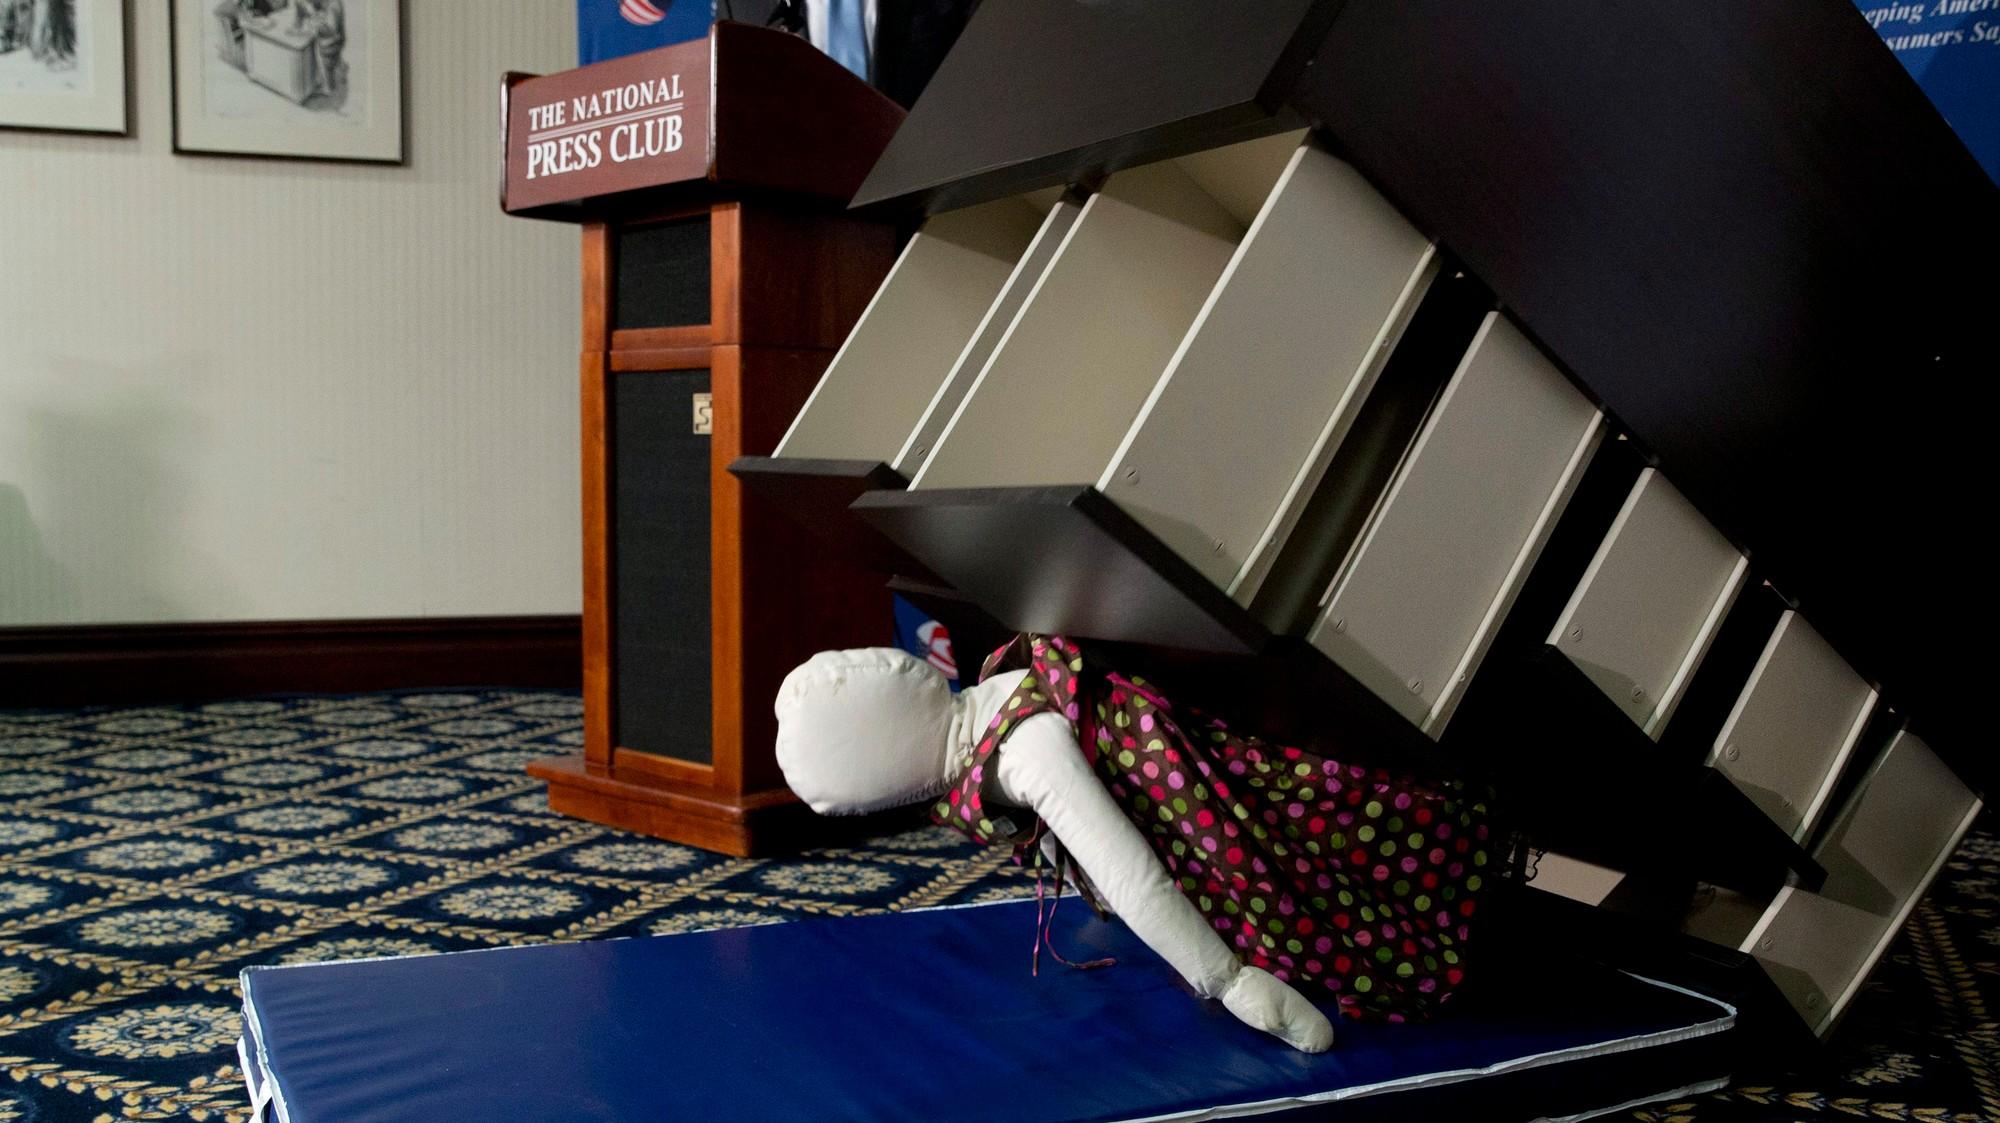 Des gens se font de l'argent en rachetant vos meubles IKEA ... Banquette Kijiji Quebec on